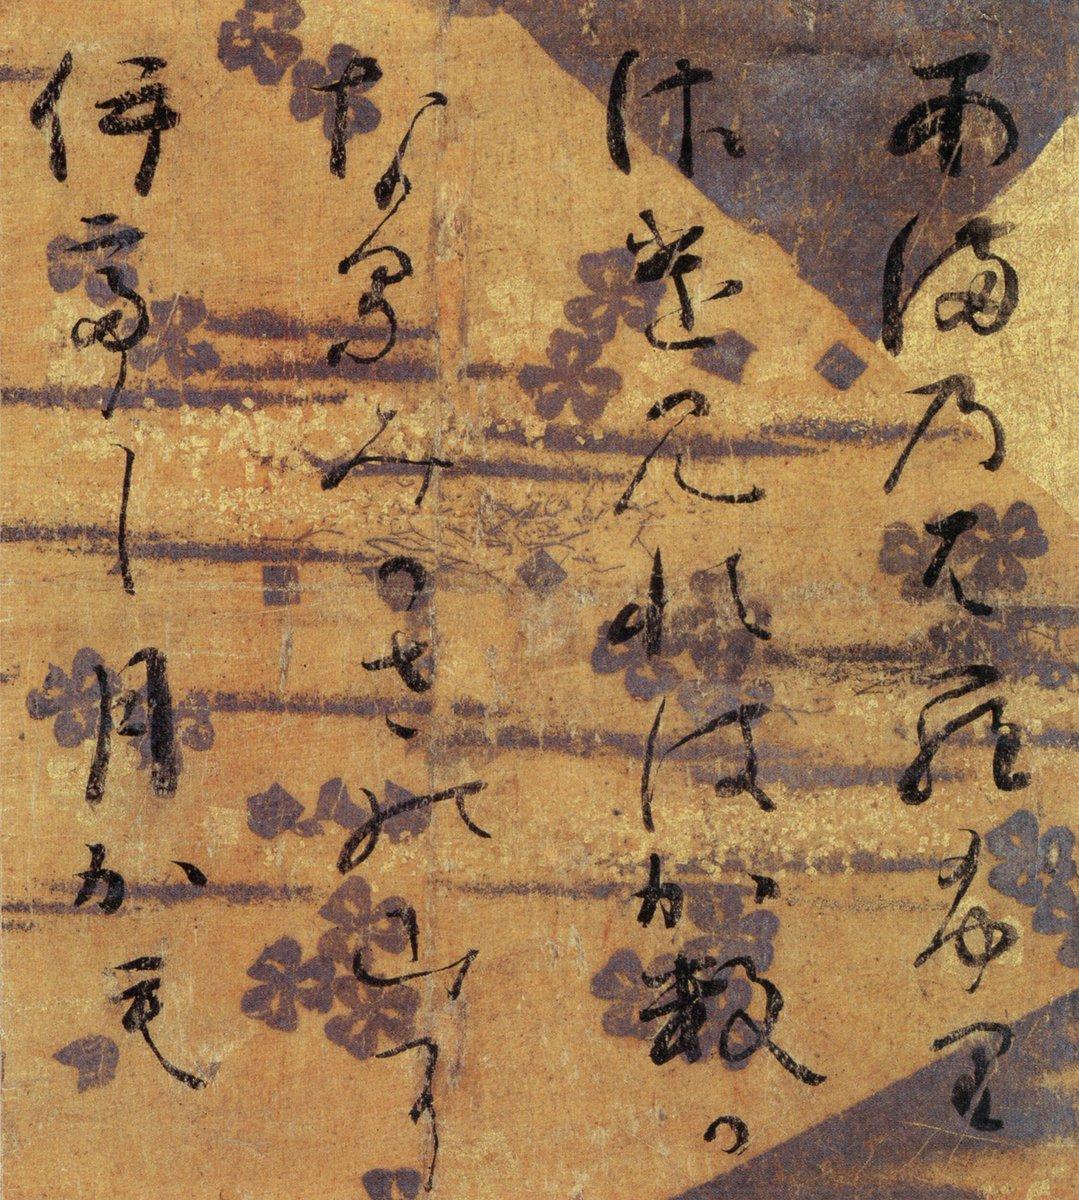 test ツイッターメディア - 藤原定家が小倉山荘で百人の歌人の和歌を一首ずつ色紙に記したという伝承があり、それに比定される色紙群を小倉色紙と言います。この作品もその一つで、阿倍仲麻呂の和歌が大ぶりの定家様の書体で表されています。小倉色紙は、武野紹鷗が茶席に掛けたことから、茶人たちに愛好されました。 https://t.co/oFfdXT5sbP